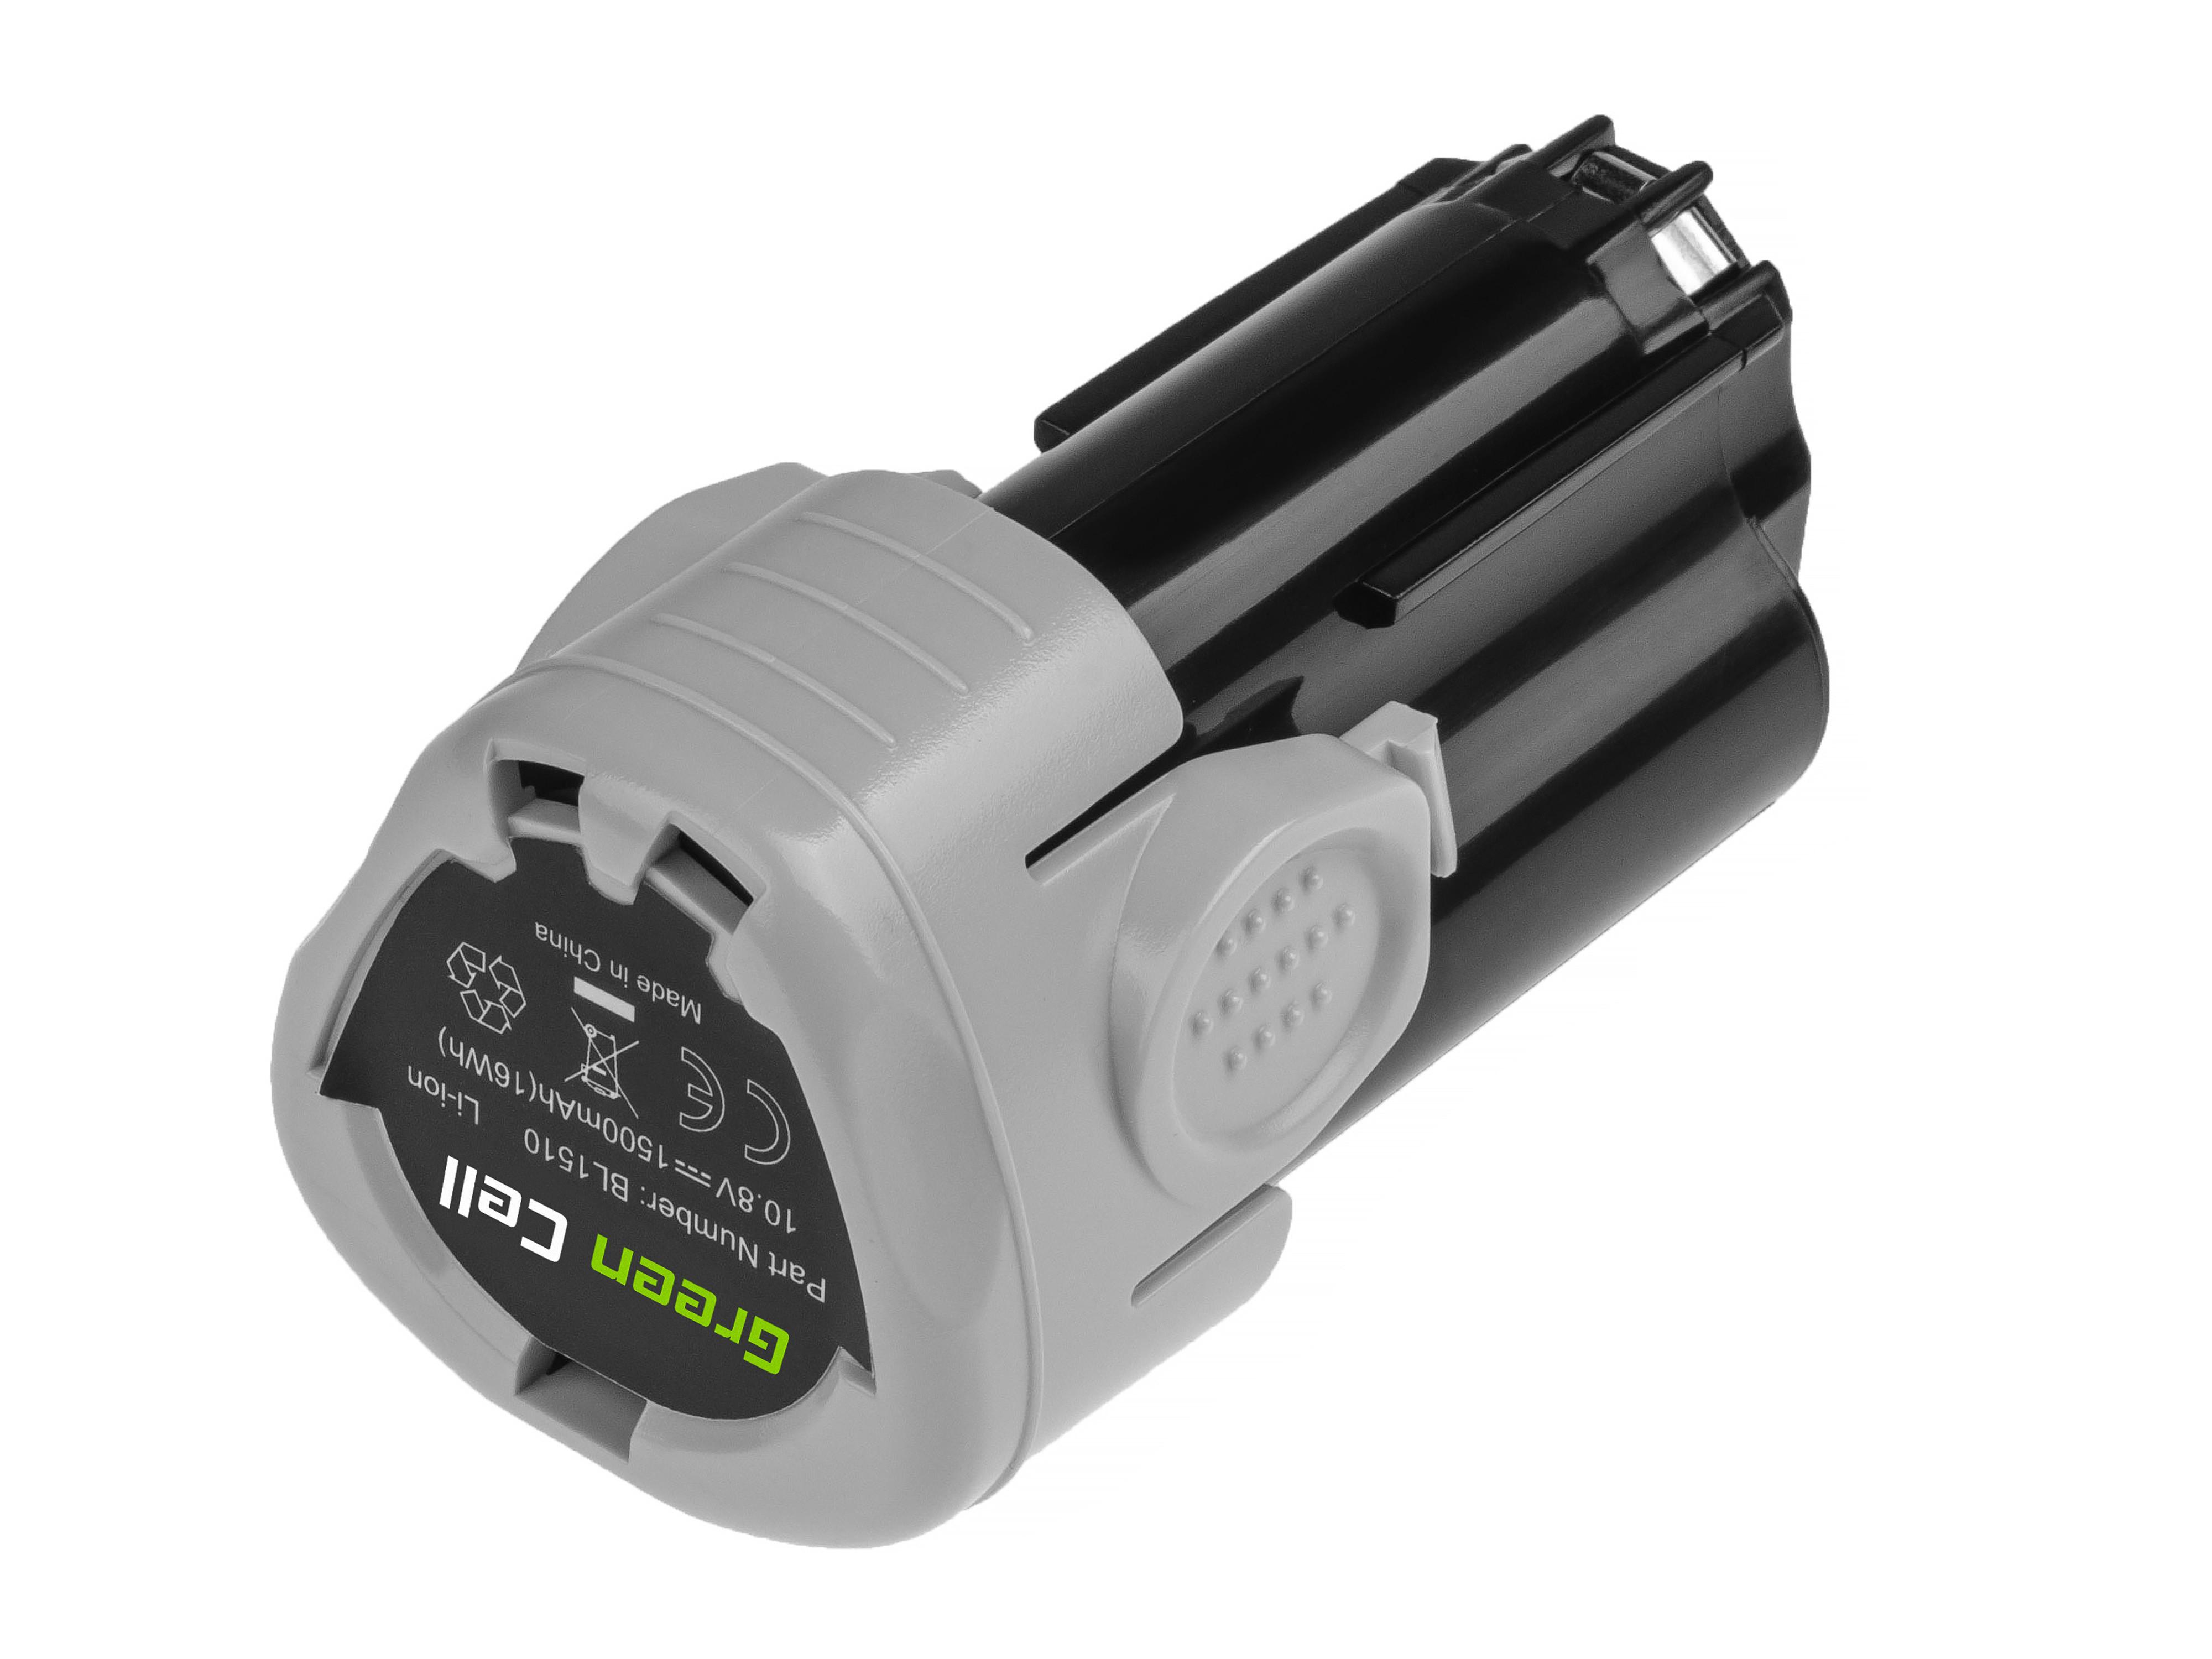 Green Cell elverktygsbatteri för Black&Decker BL1110 BL1310 BL1510 BDCDMT112 10.8V 1.5Ah